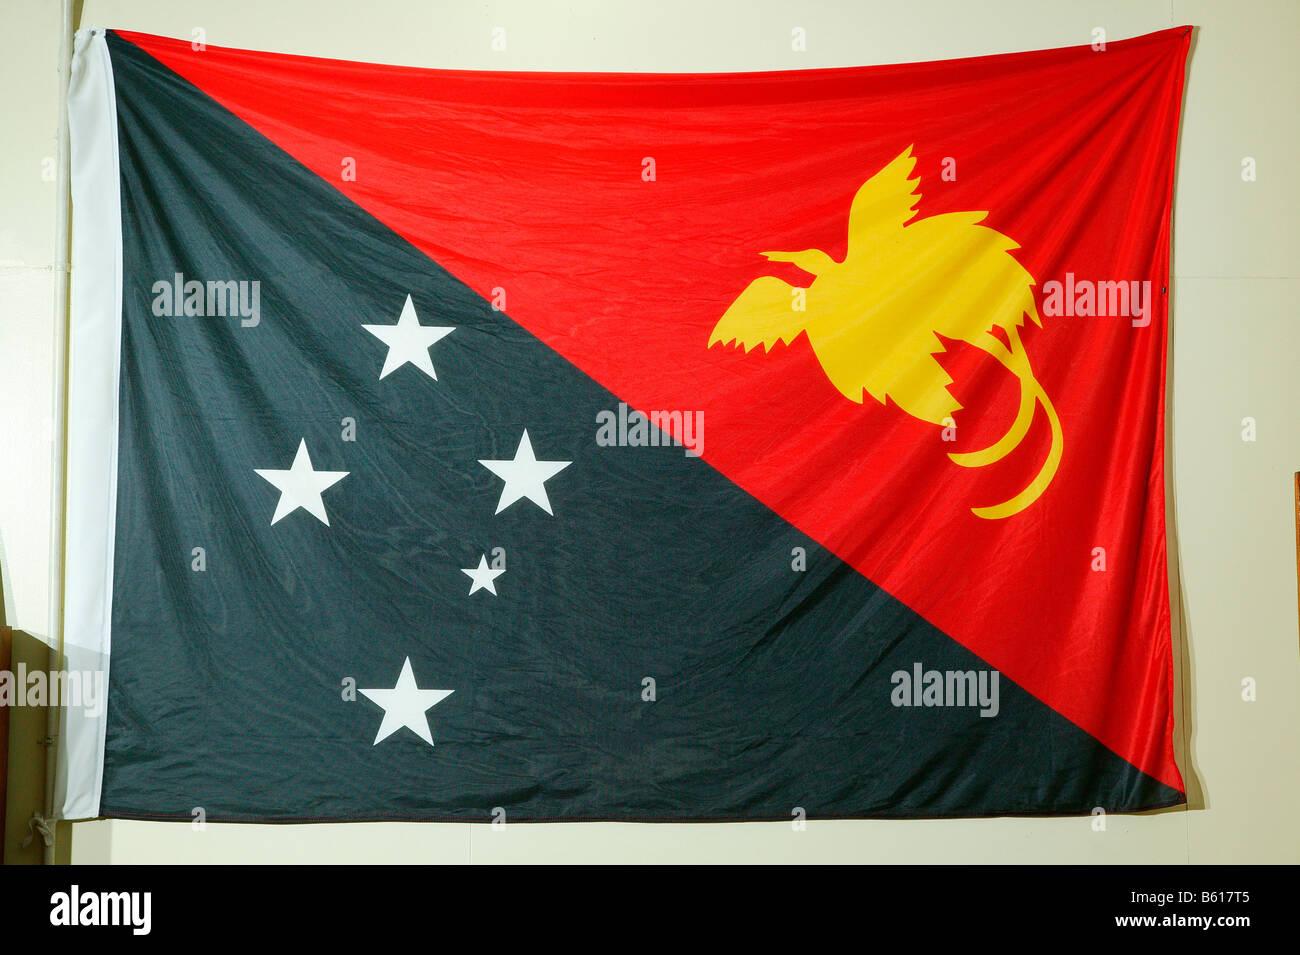 National flag, Port Moresby, Papua New Guinea, Melanesia - Stock Image